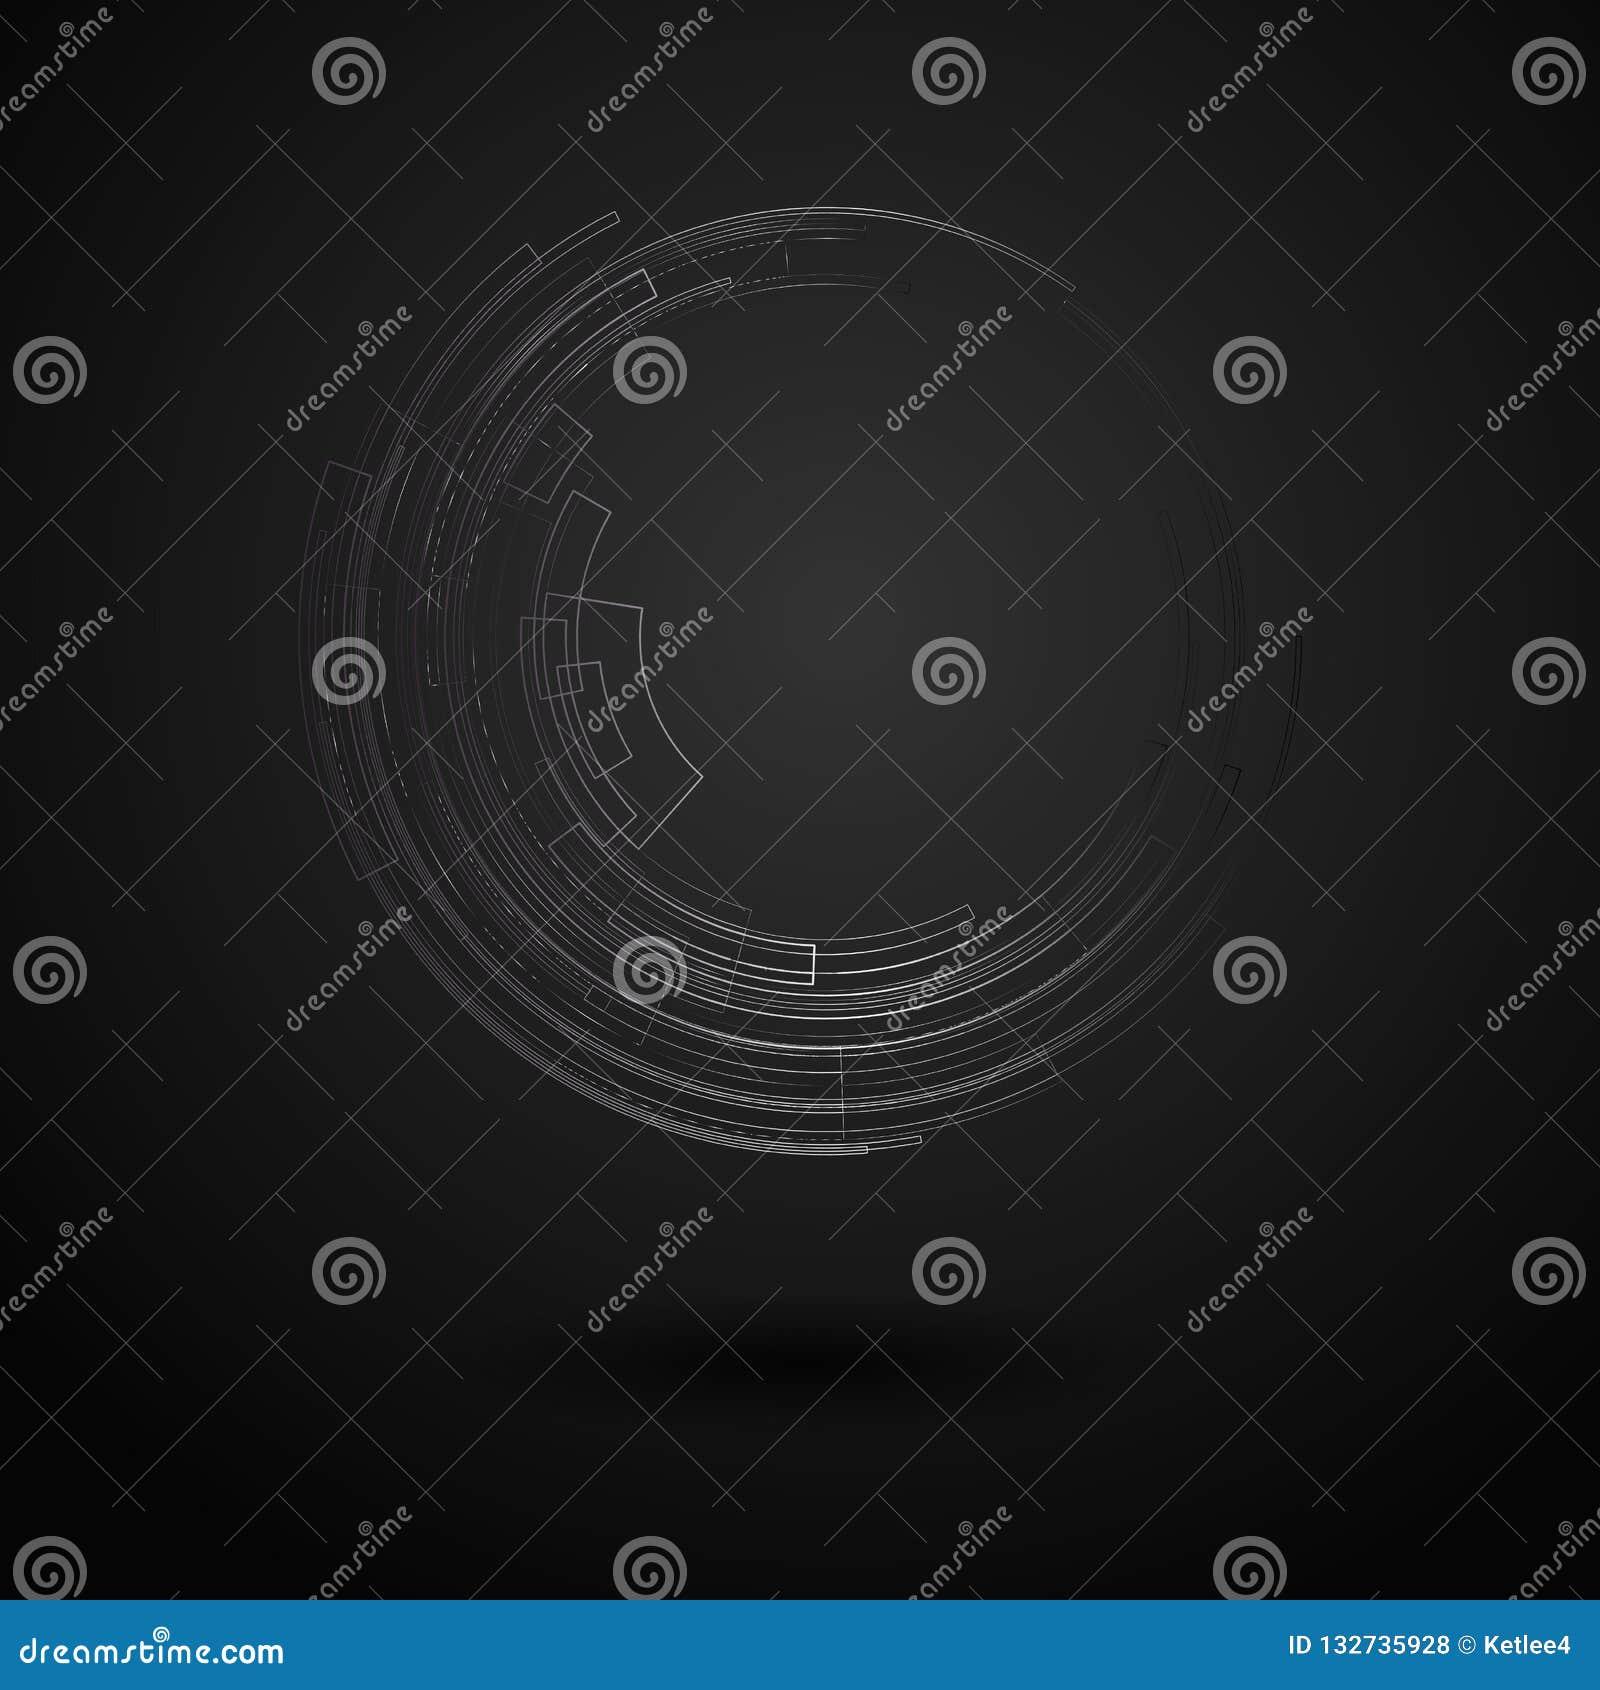 Fondo geometrico astratto con il cerchio luminoso del metallo dei cerchi concentrici sulle linee geometriche grafiche tecnologia